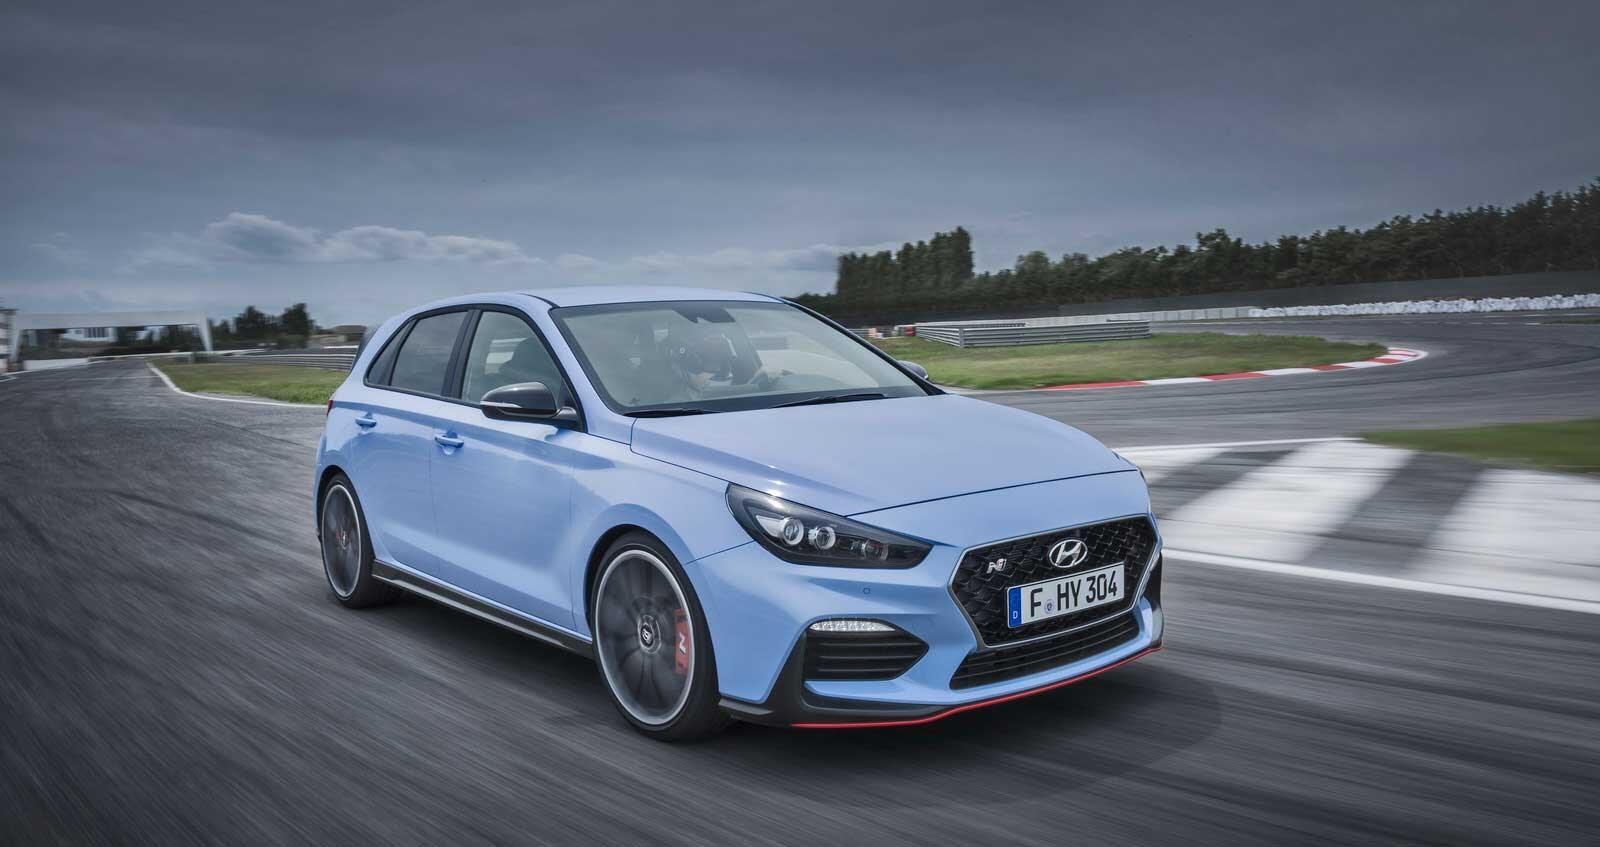 Hyundai muốn trở thành nhà sản xuất bán chạy nhất châu Âu - Hình 1